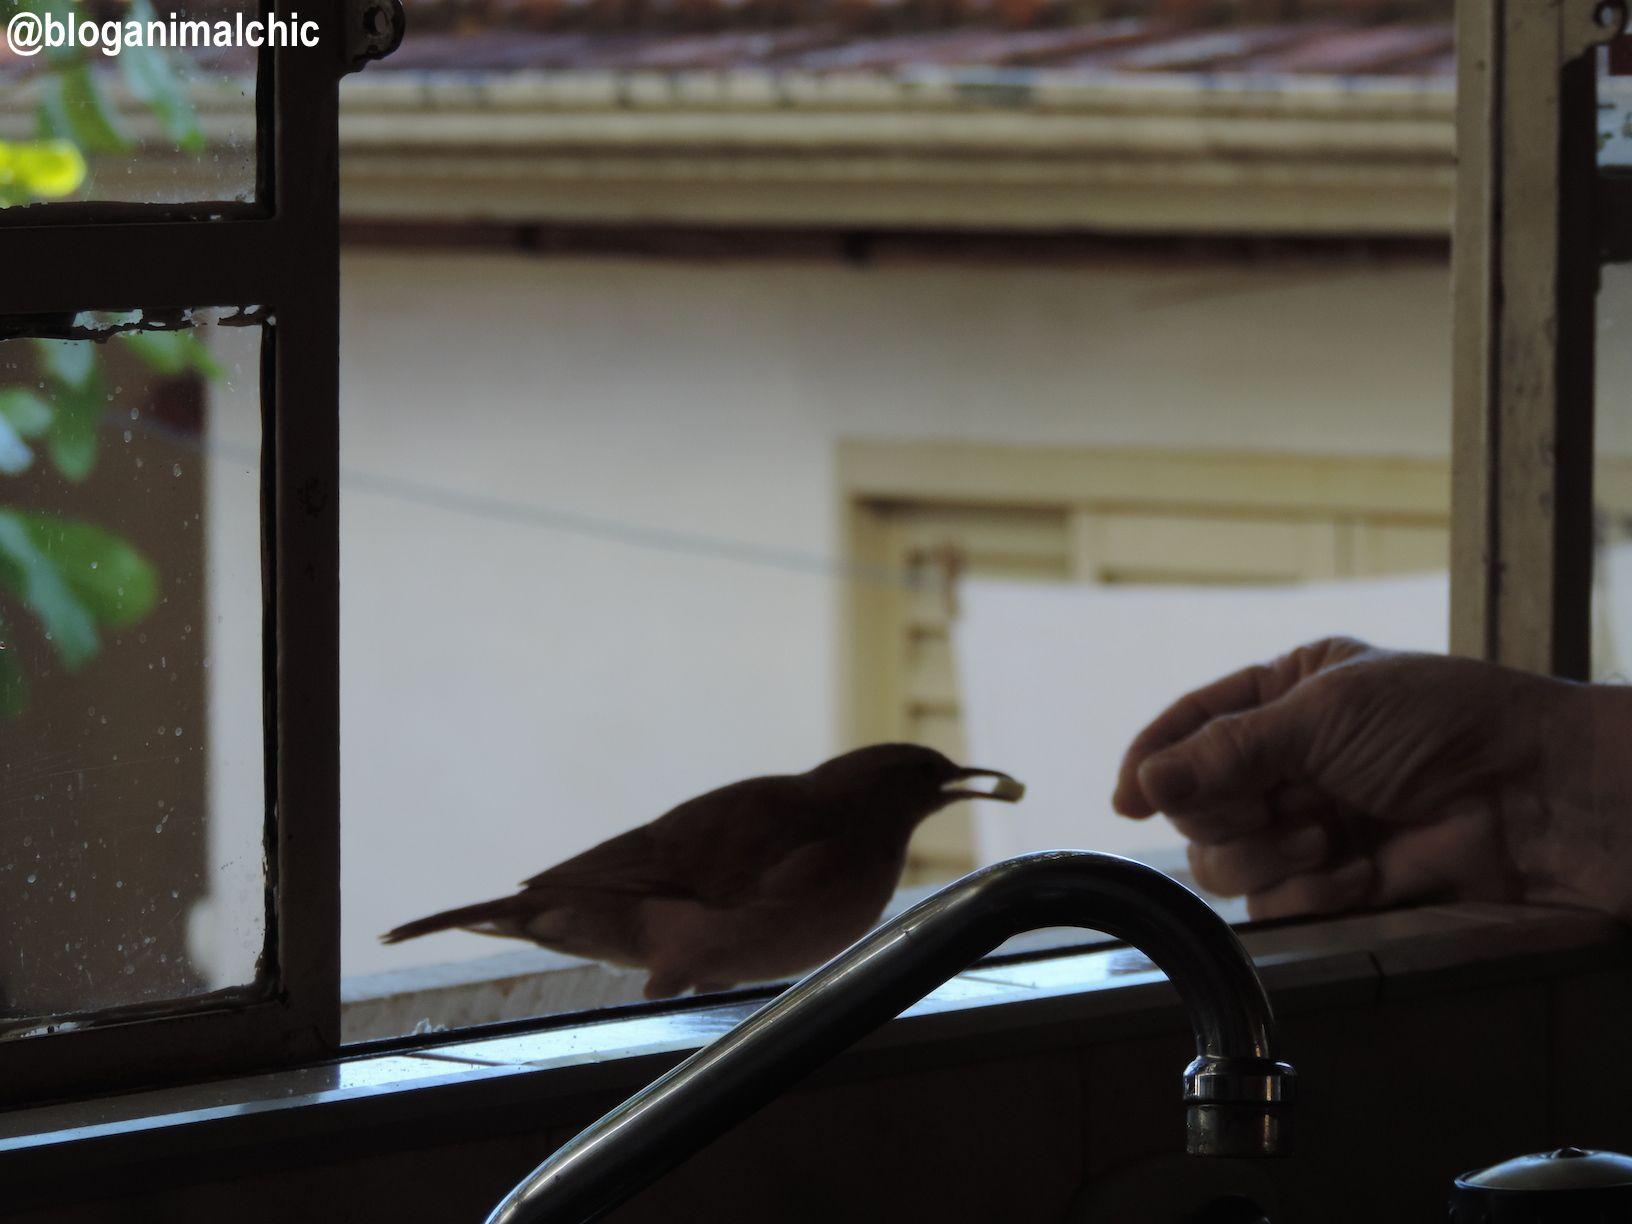 Na janela, minha mãe dá comida para o João-de-barro (Furnarius rufus) na boca! Veja o vídeo aqui: https://www.youtube.com/watch?v=buEJJMeiOE8